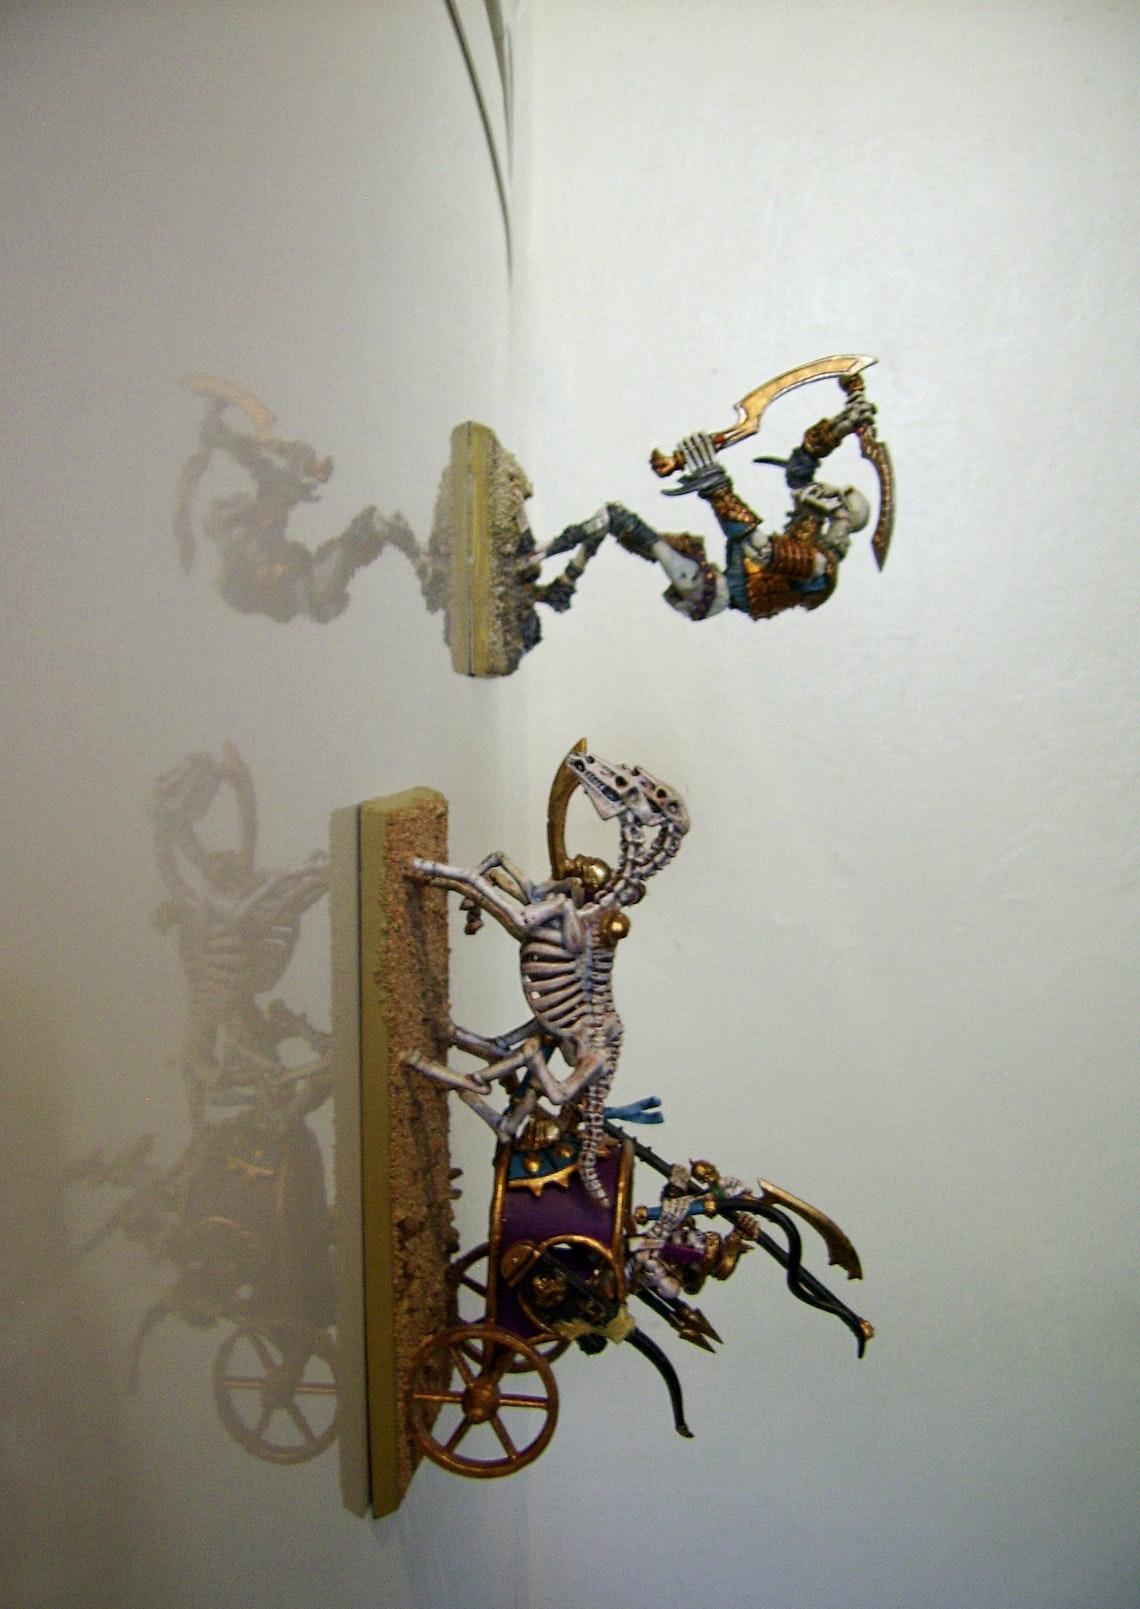 Por supuesto, las figuras modificadas también pueden conquistar un frigorífico :-)